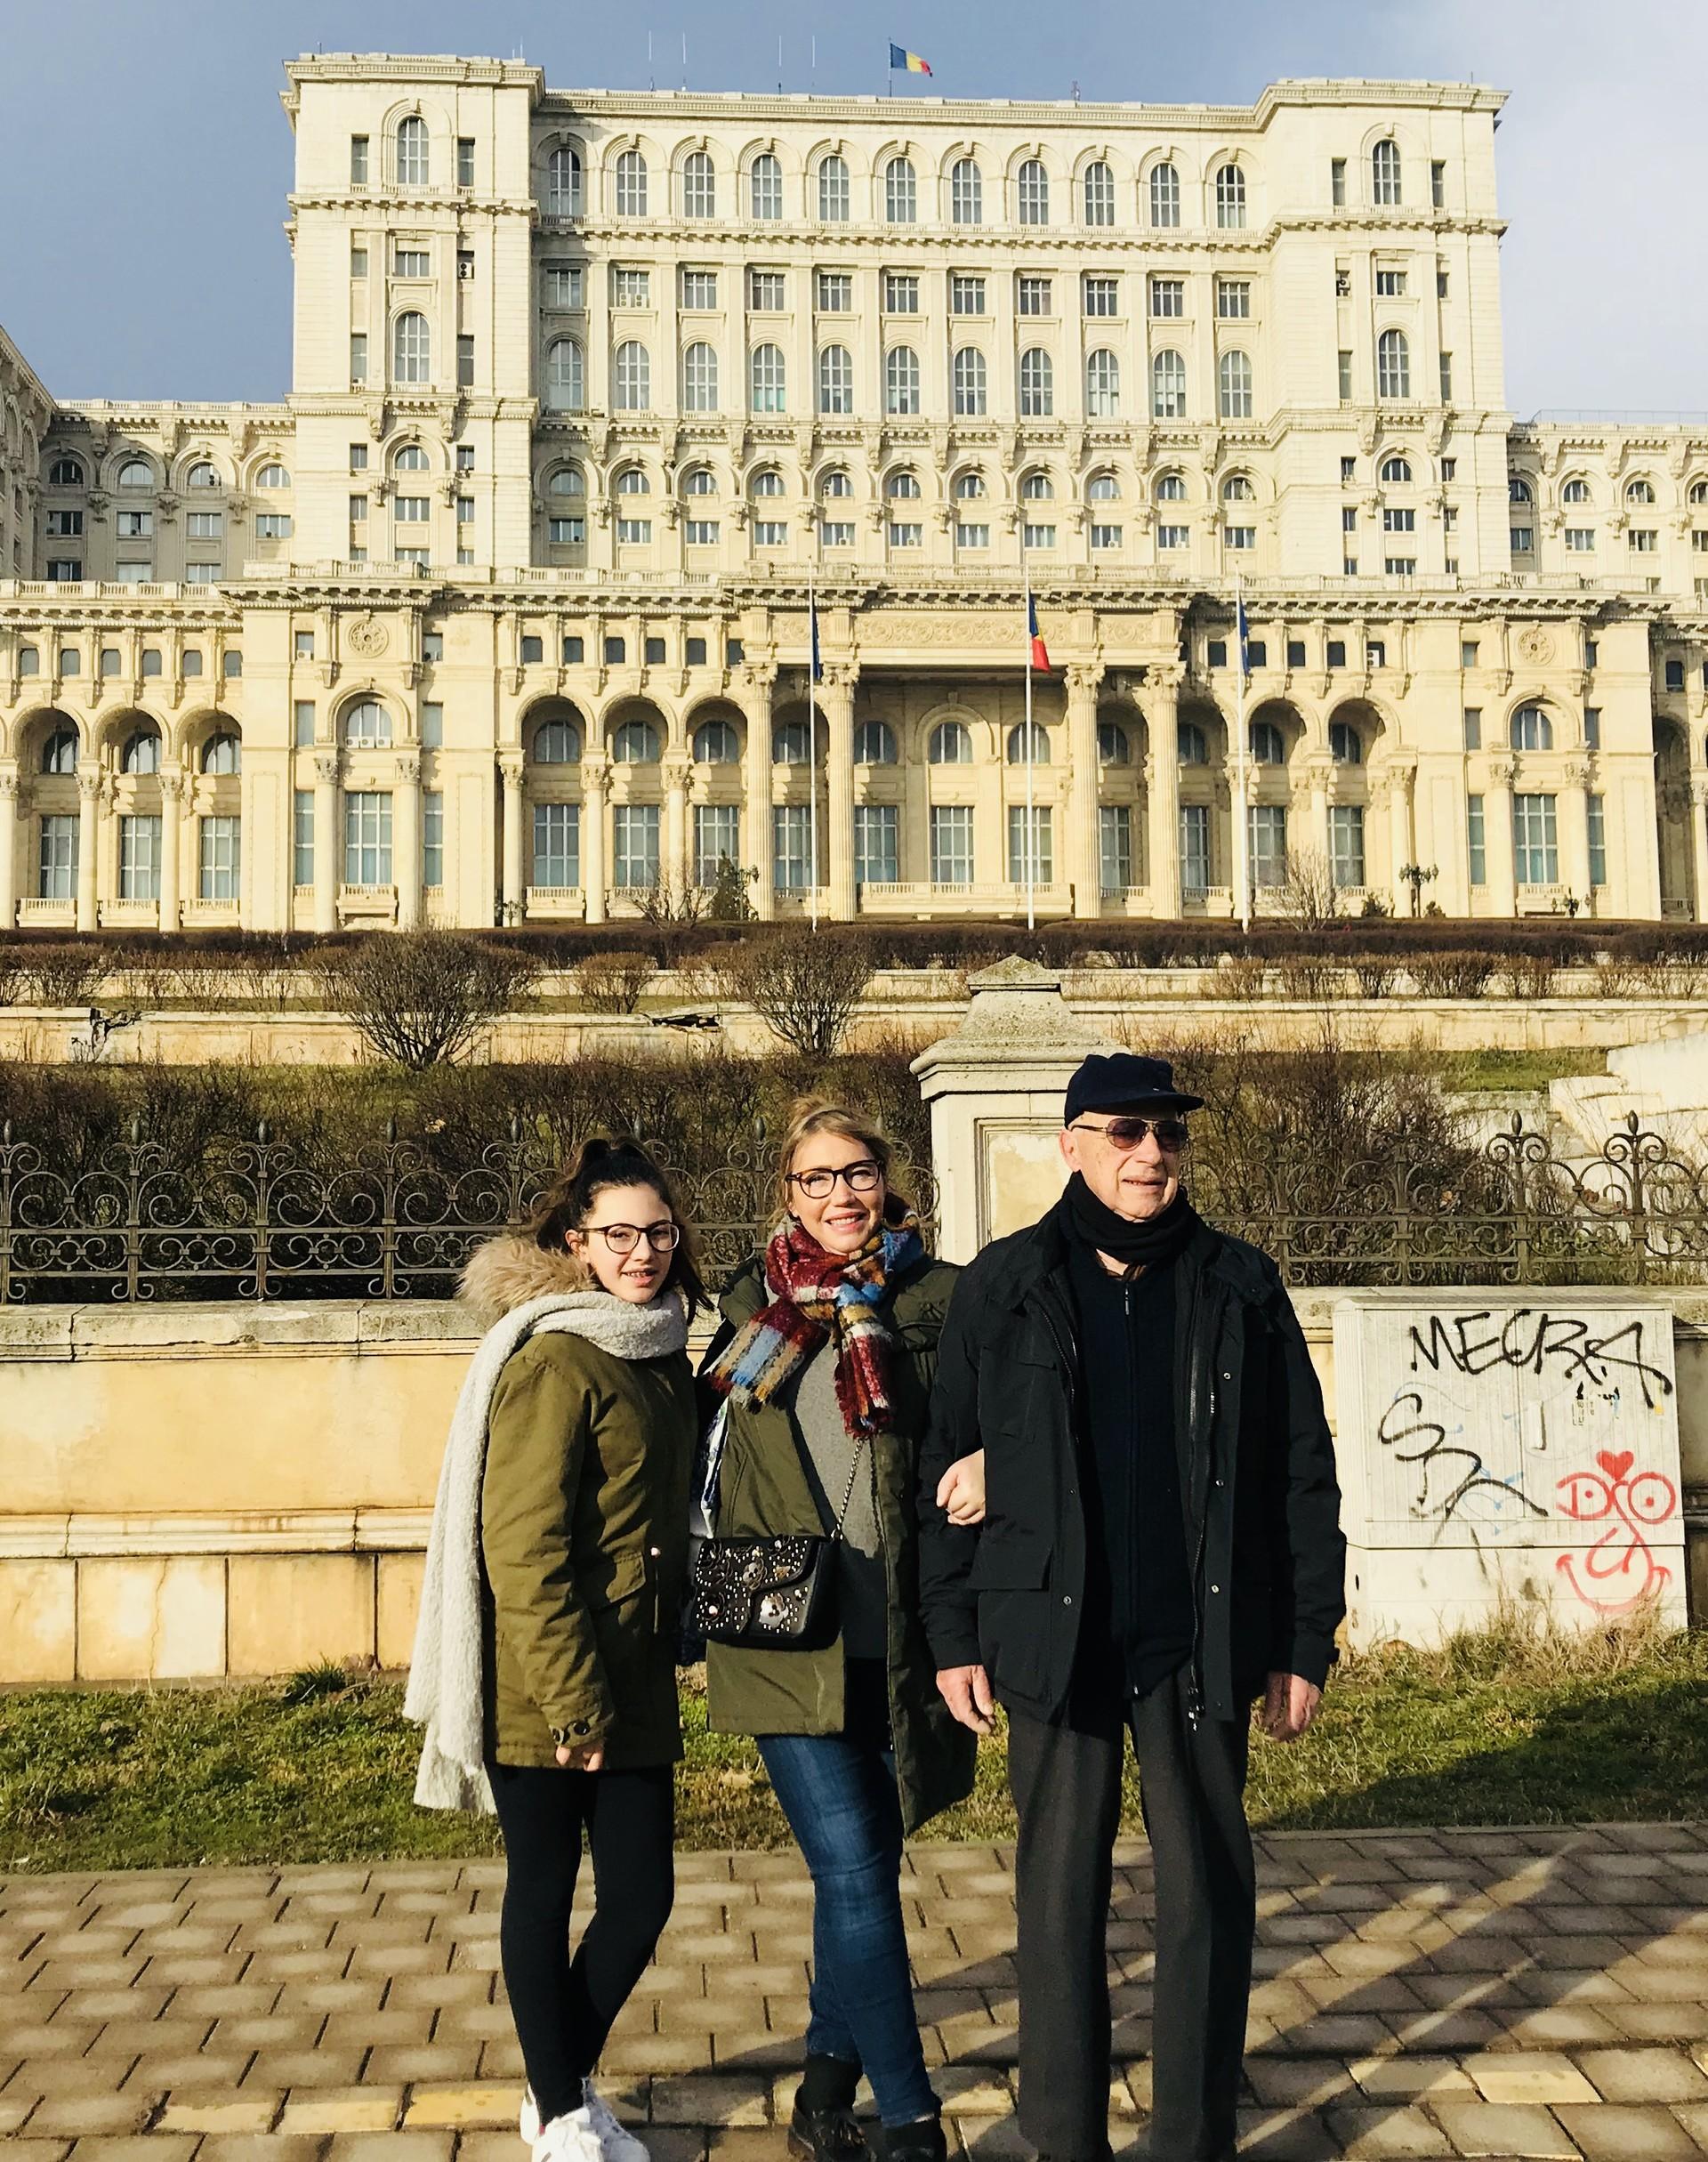 palazzo-parlamento-bucarest-57cec4a9cdc3